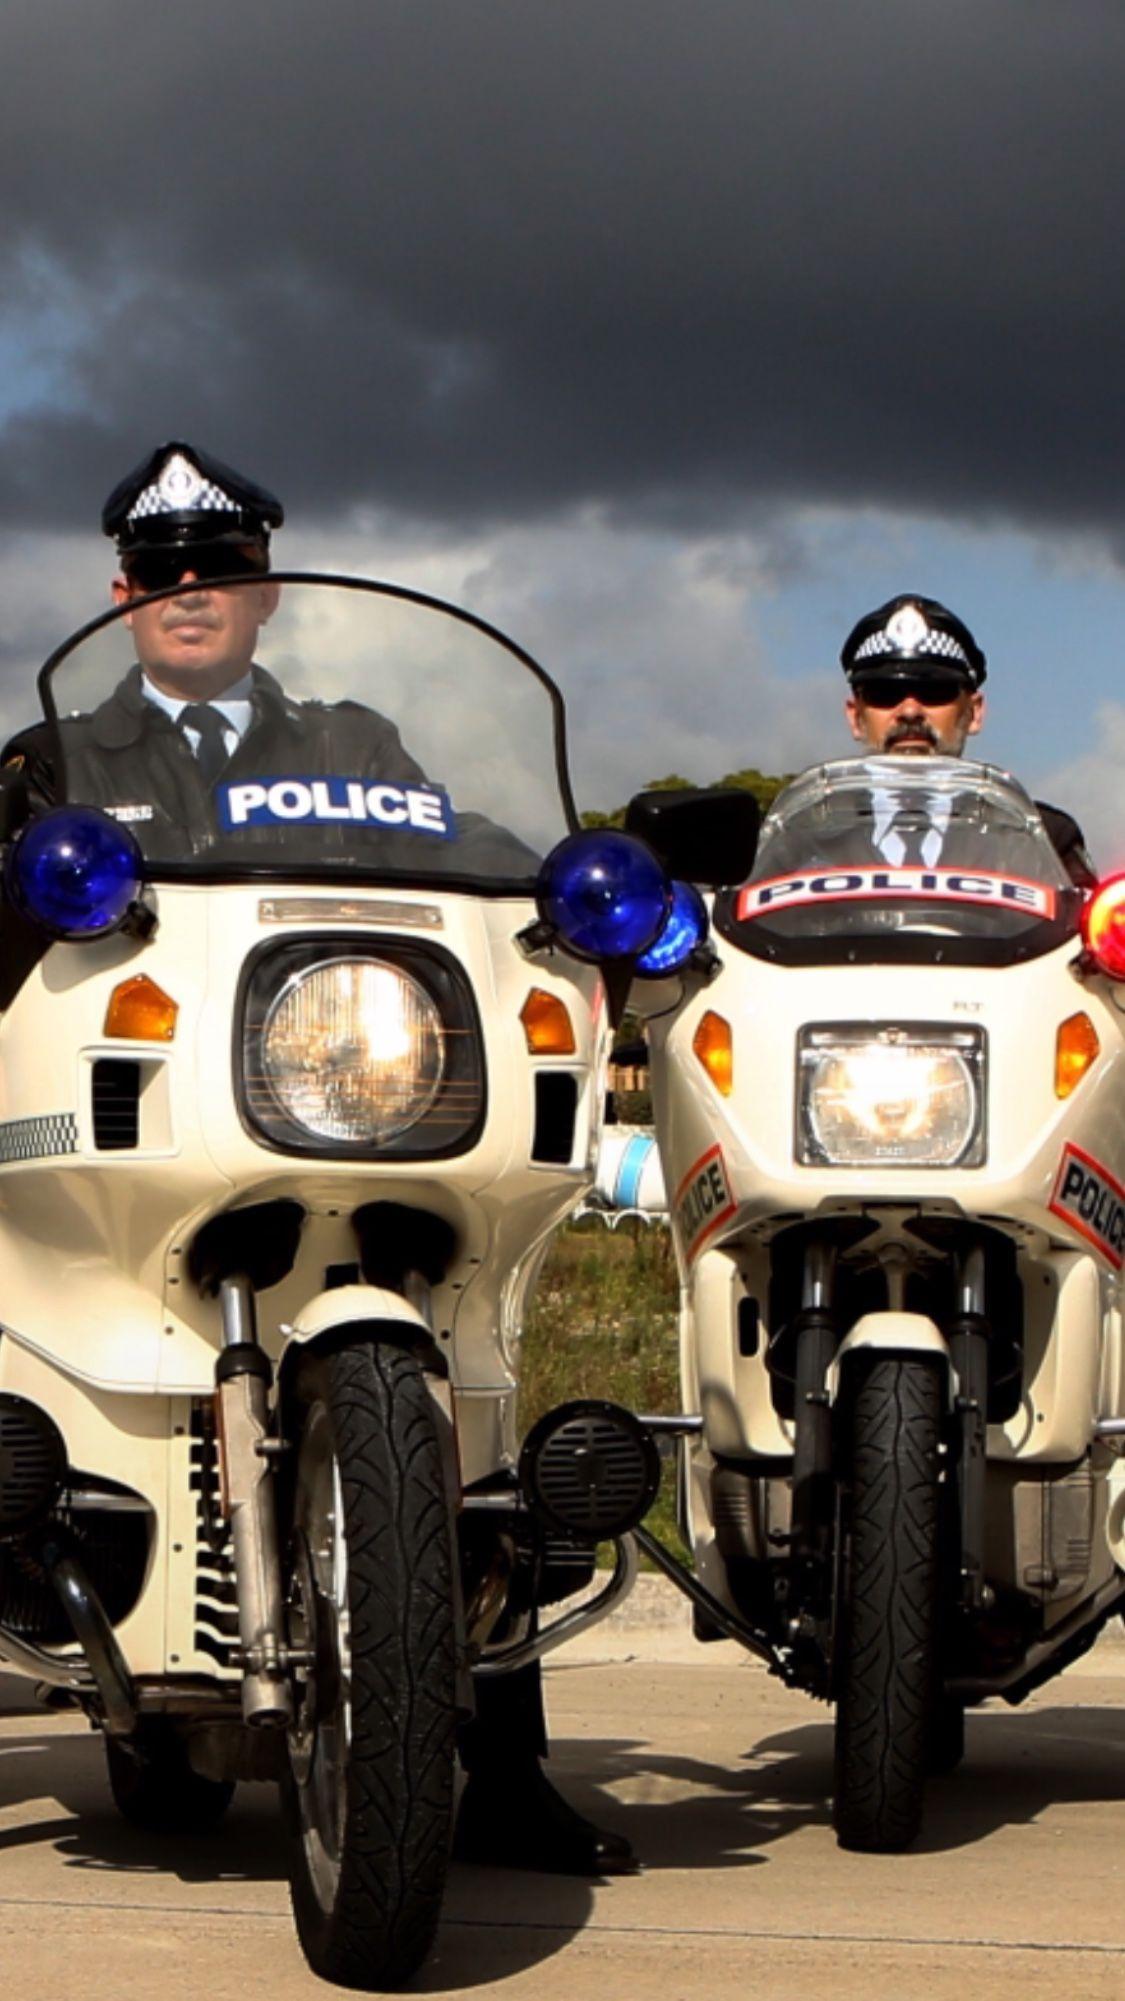 1983 R100 1987 K100 Nsw Police Historic Bikes Police Police